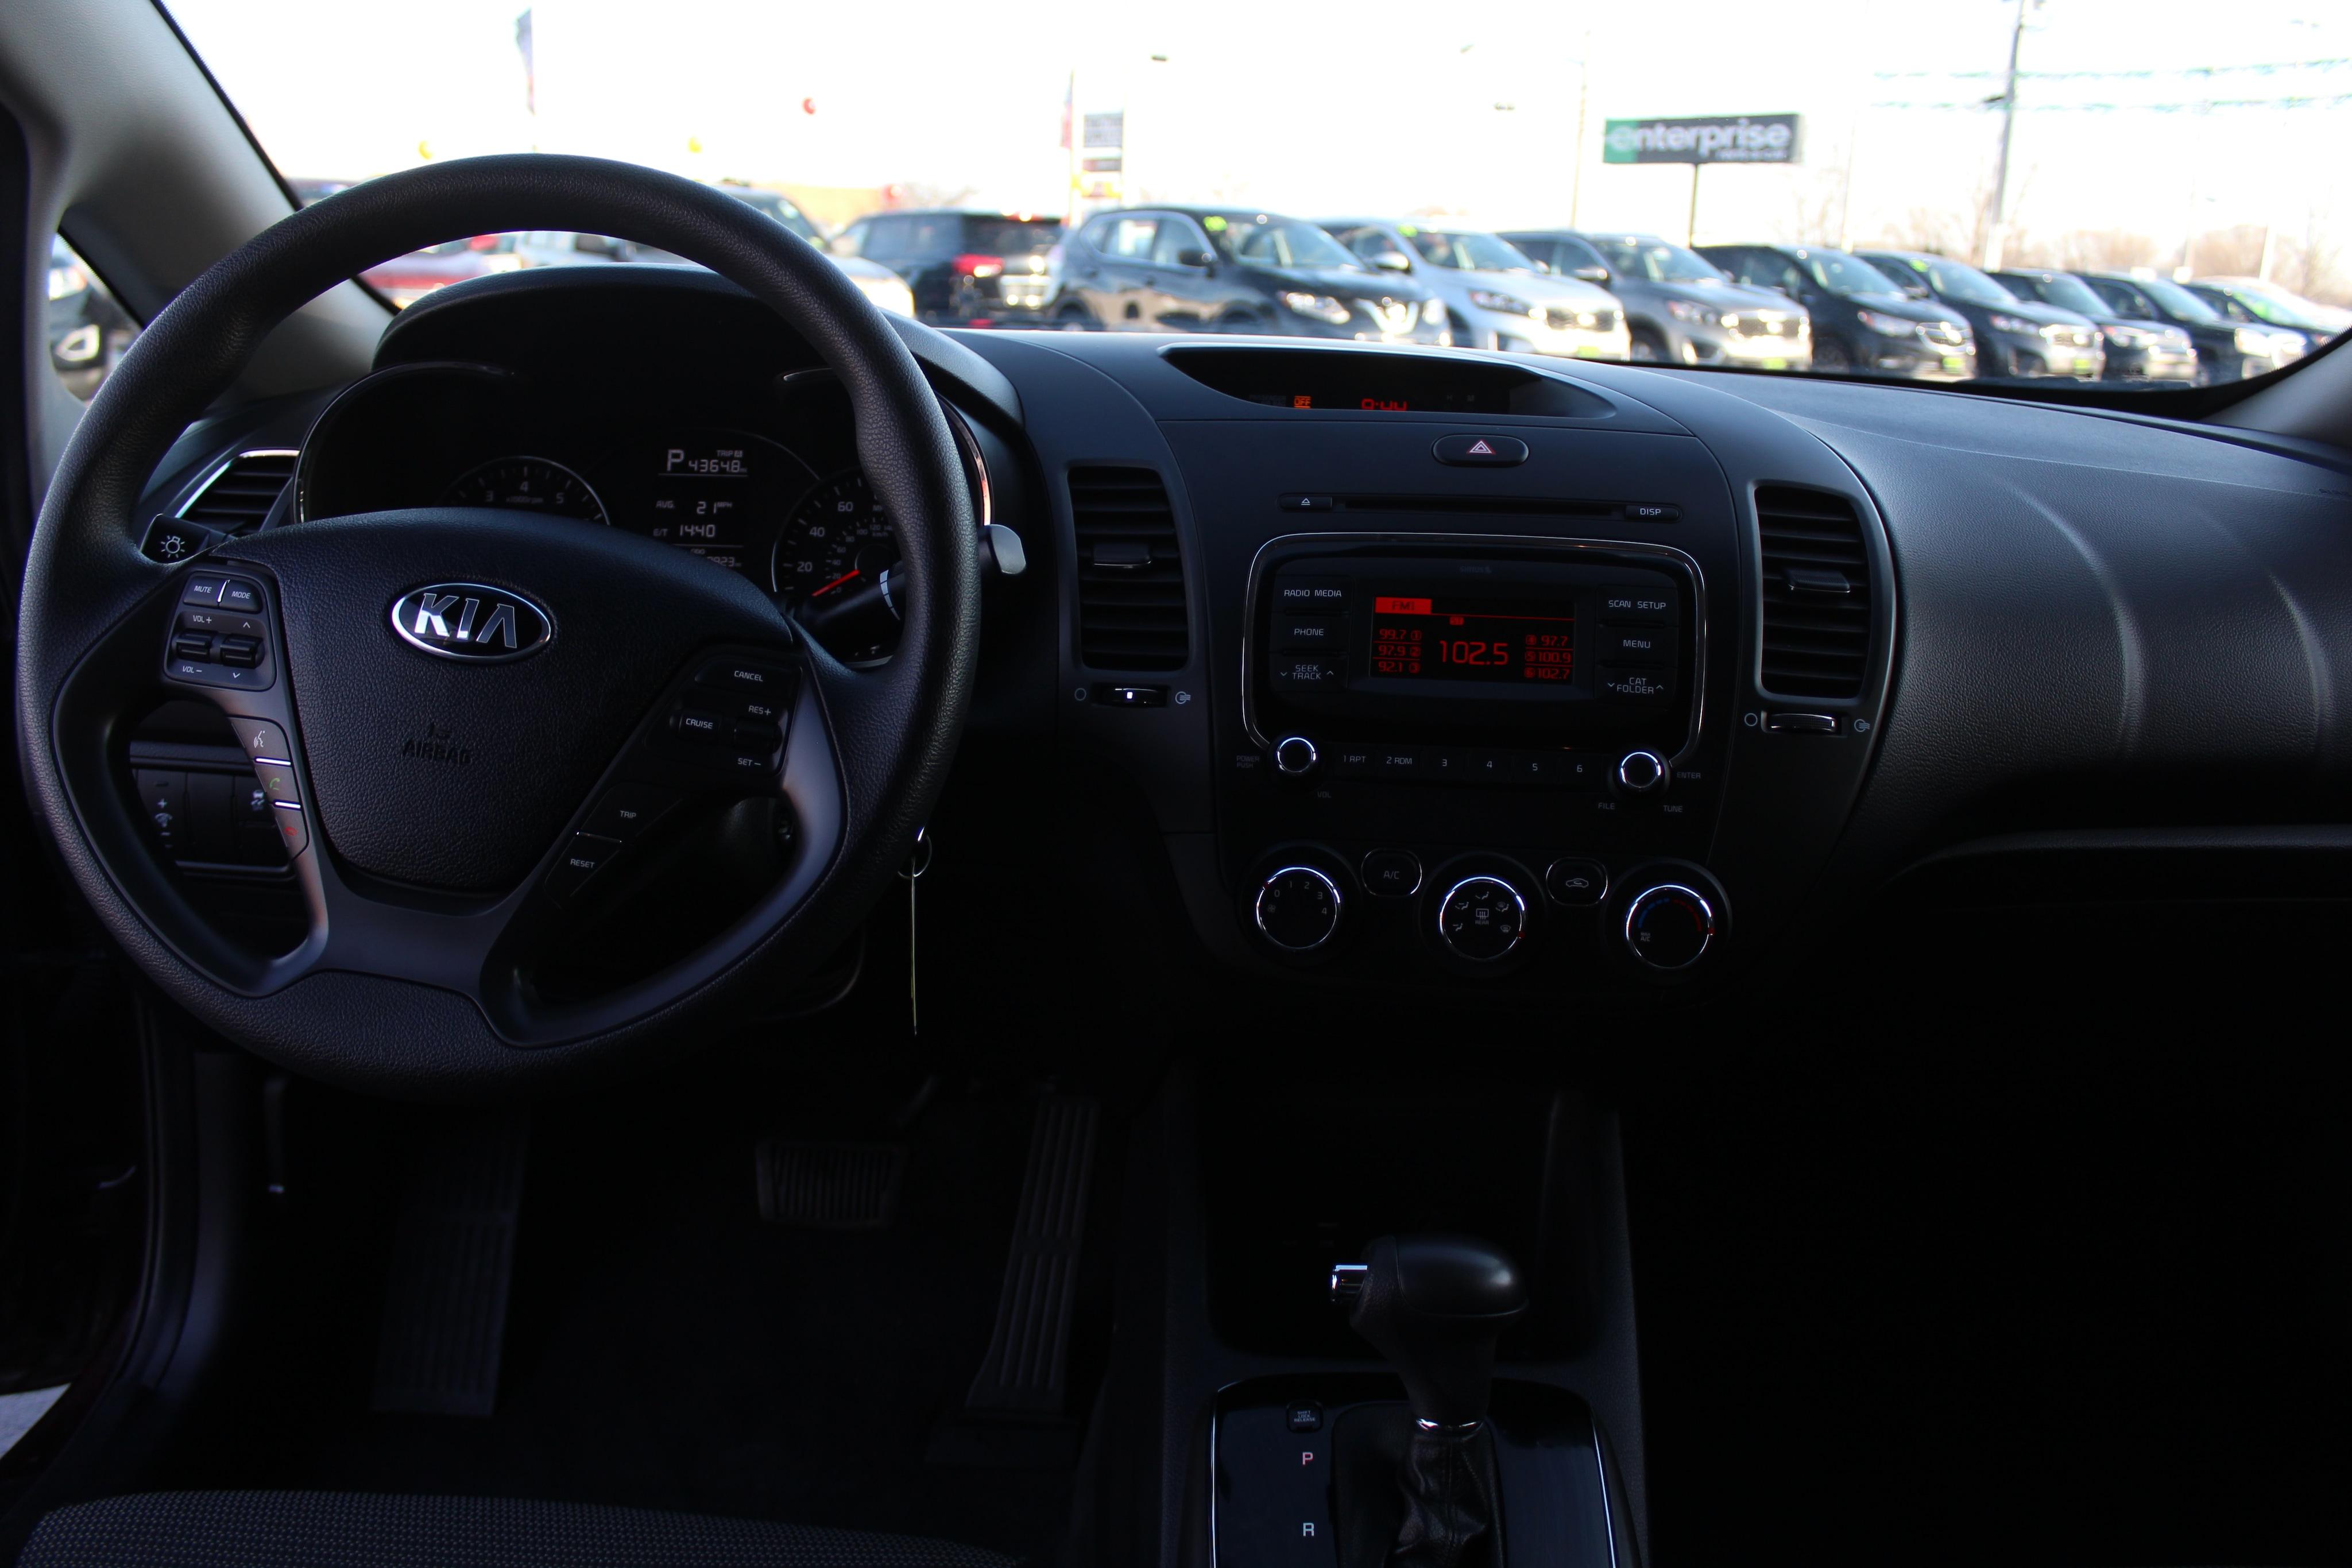 2018 Kia Forte Sedan 4 Dr.